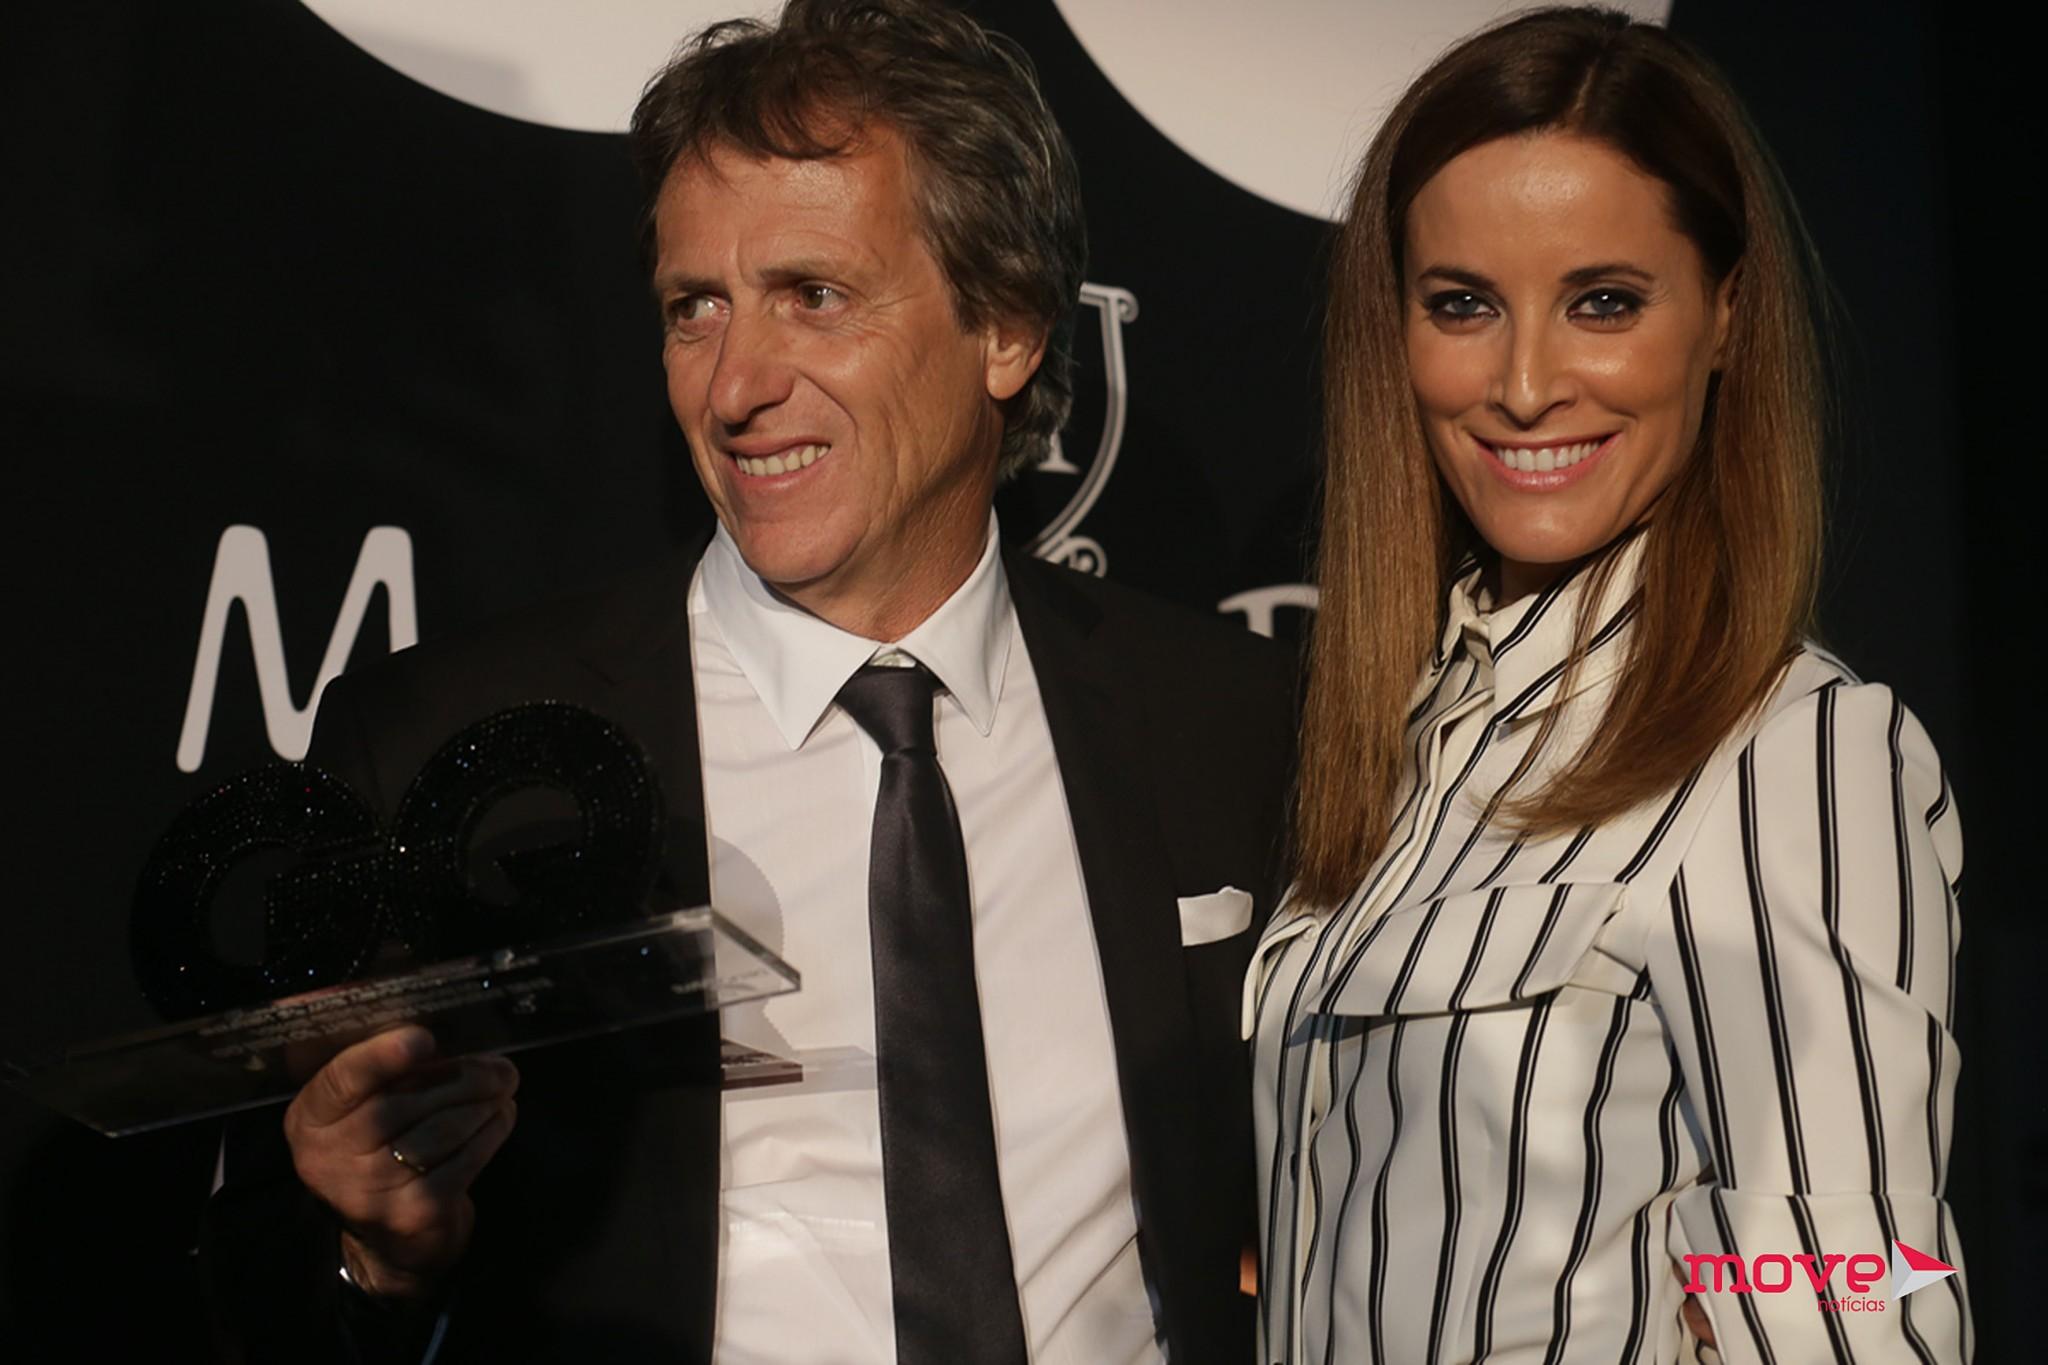 O técnico recebeu o prémio das mãos da atriz Maria João Bastos